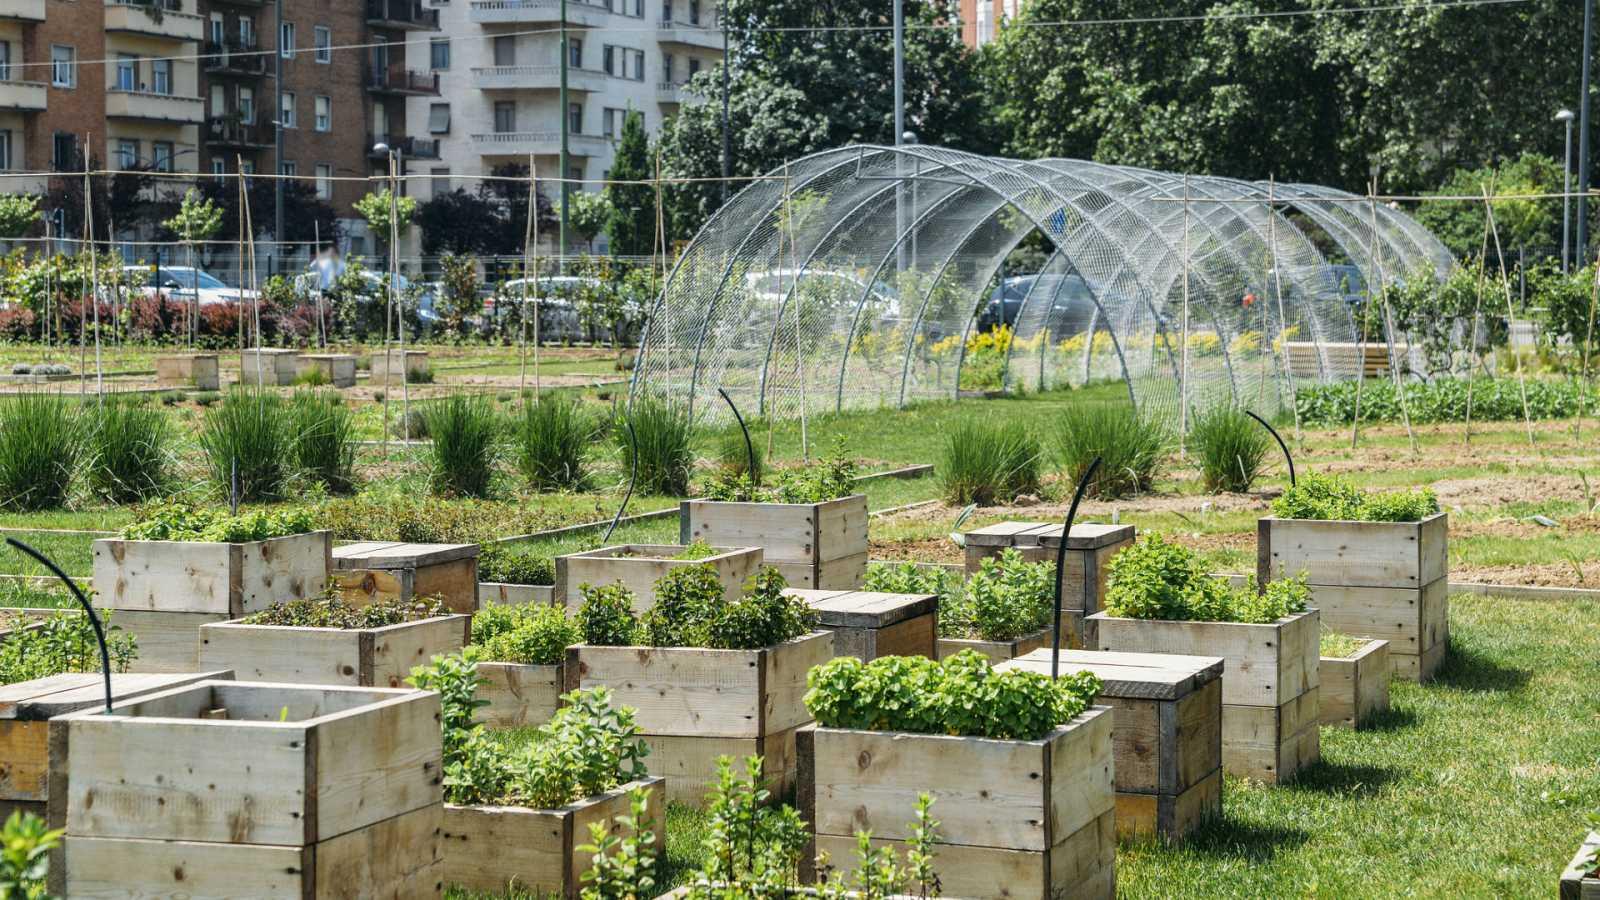 En primera persona - Huertos urbanos ecológicos que favorecen el encuentro entre culturas - 13/09/20 - escuchar ahora